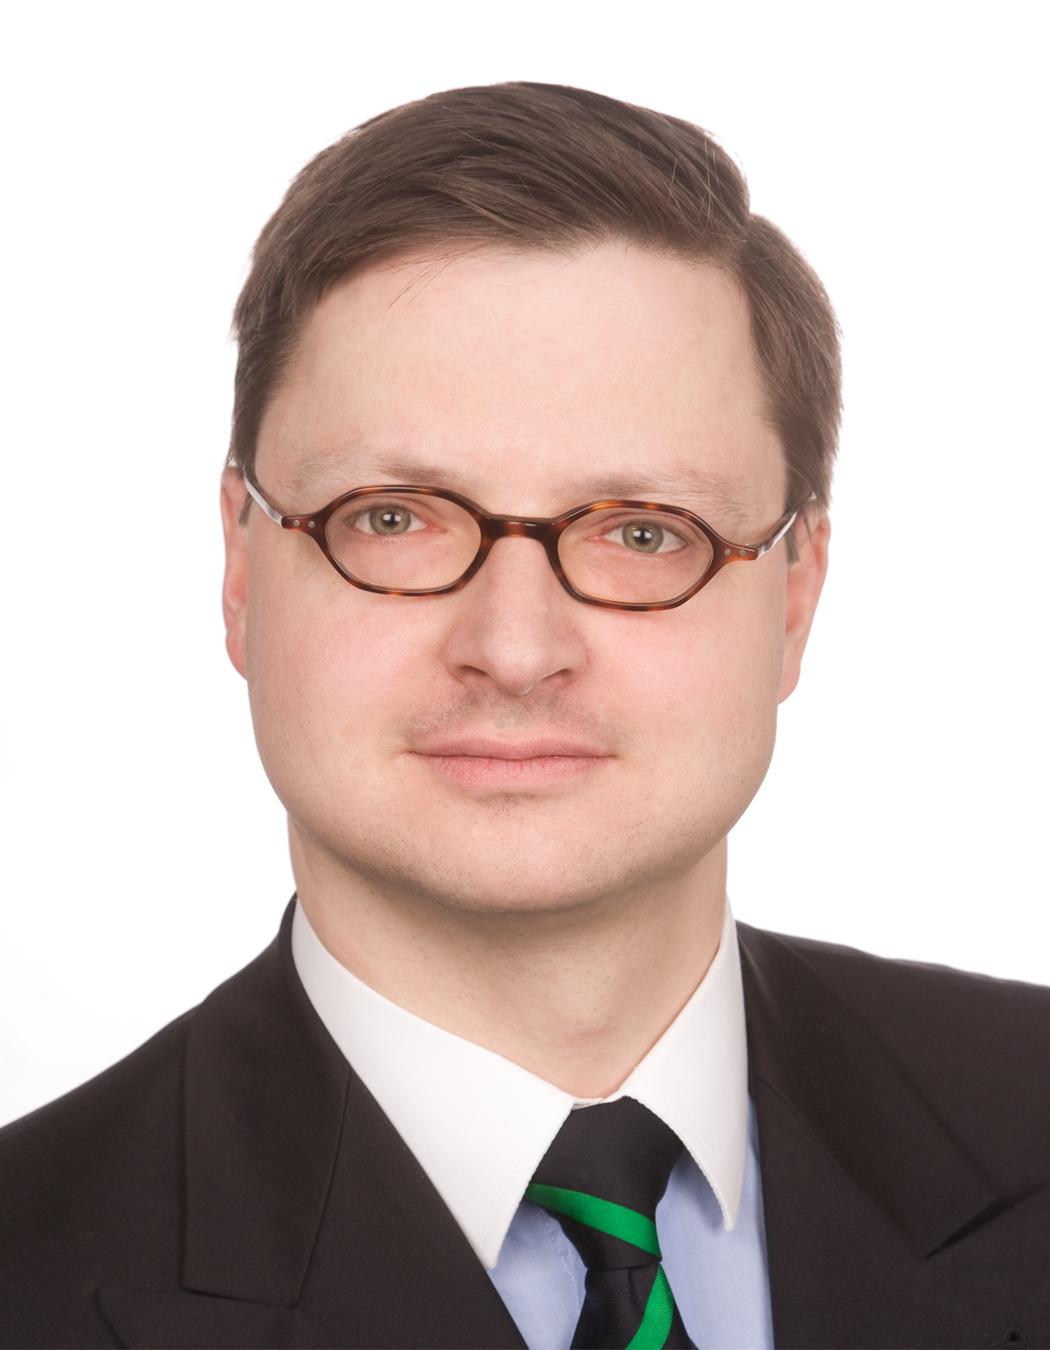 Artur Schuschnigg